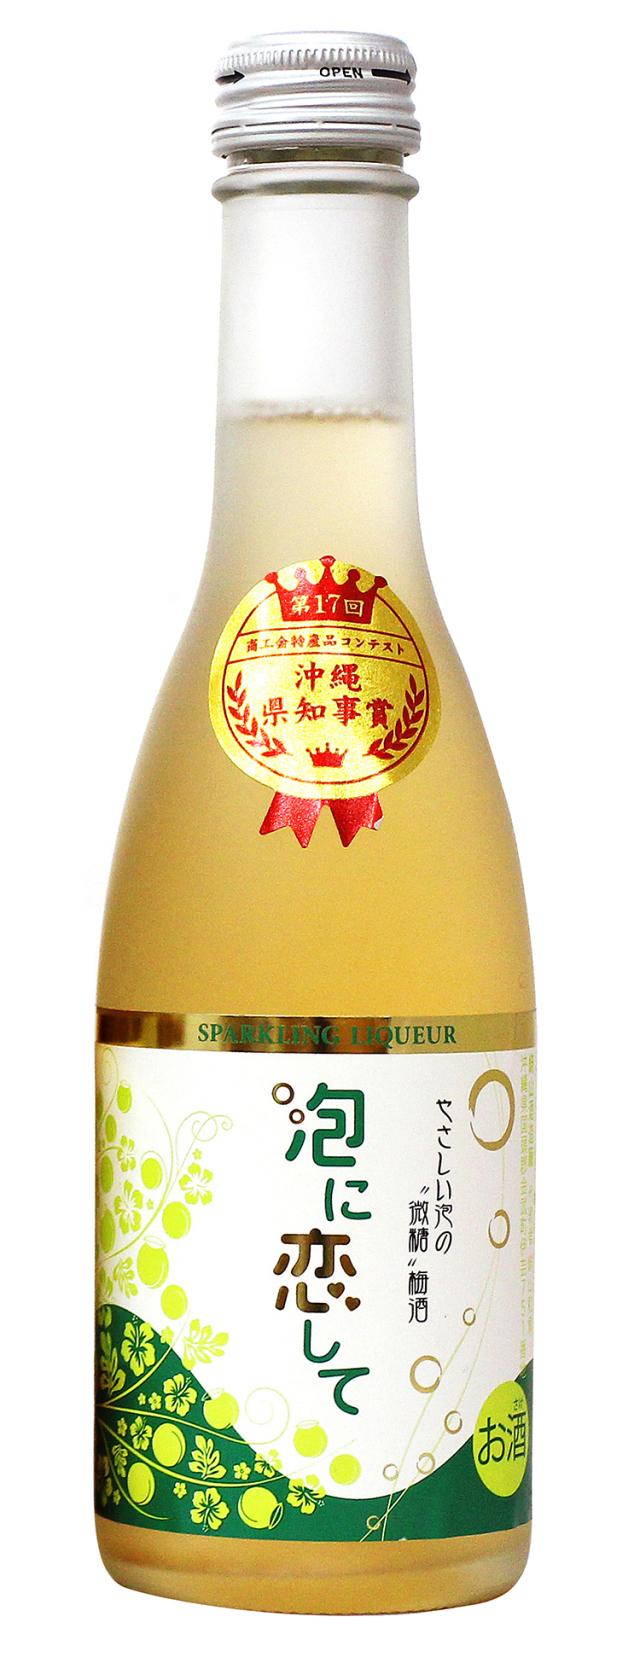 スパークリング梅酒 泡に恋して (微糖梅酒) (250ml)